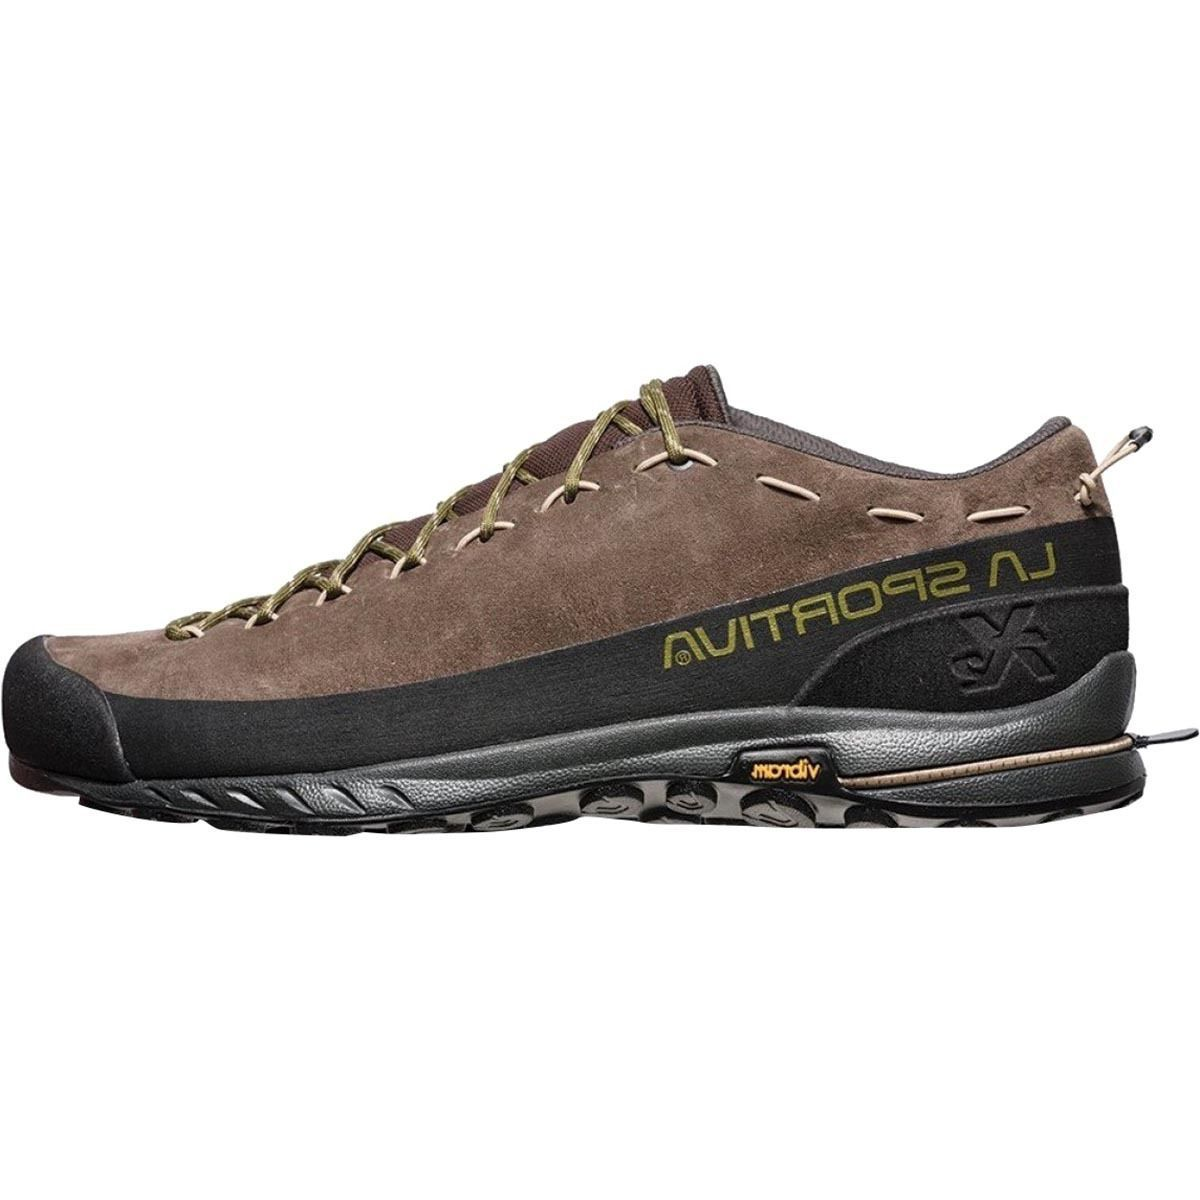 La Sportiva TX2 Leather Shoe - Men's